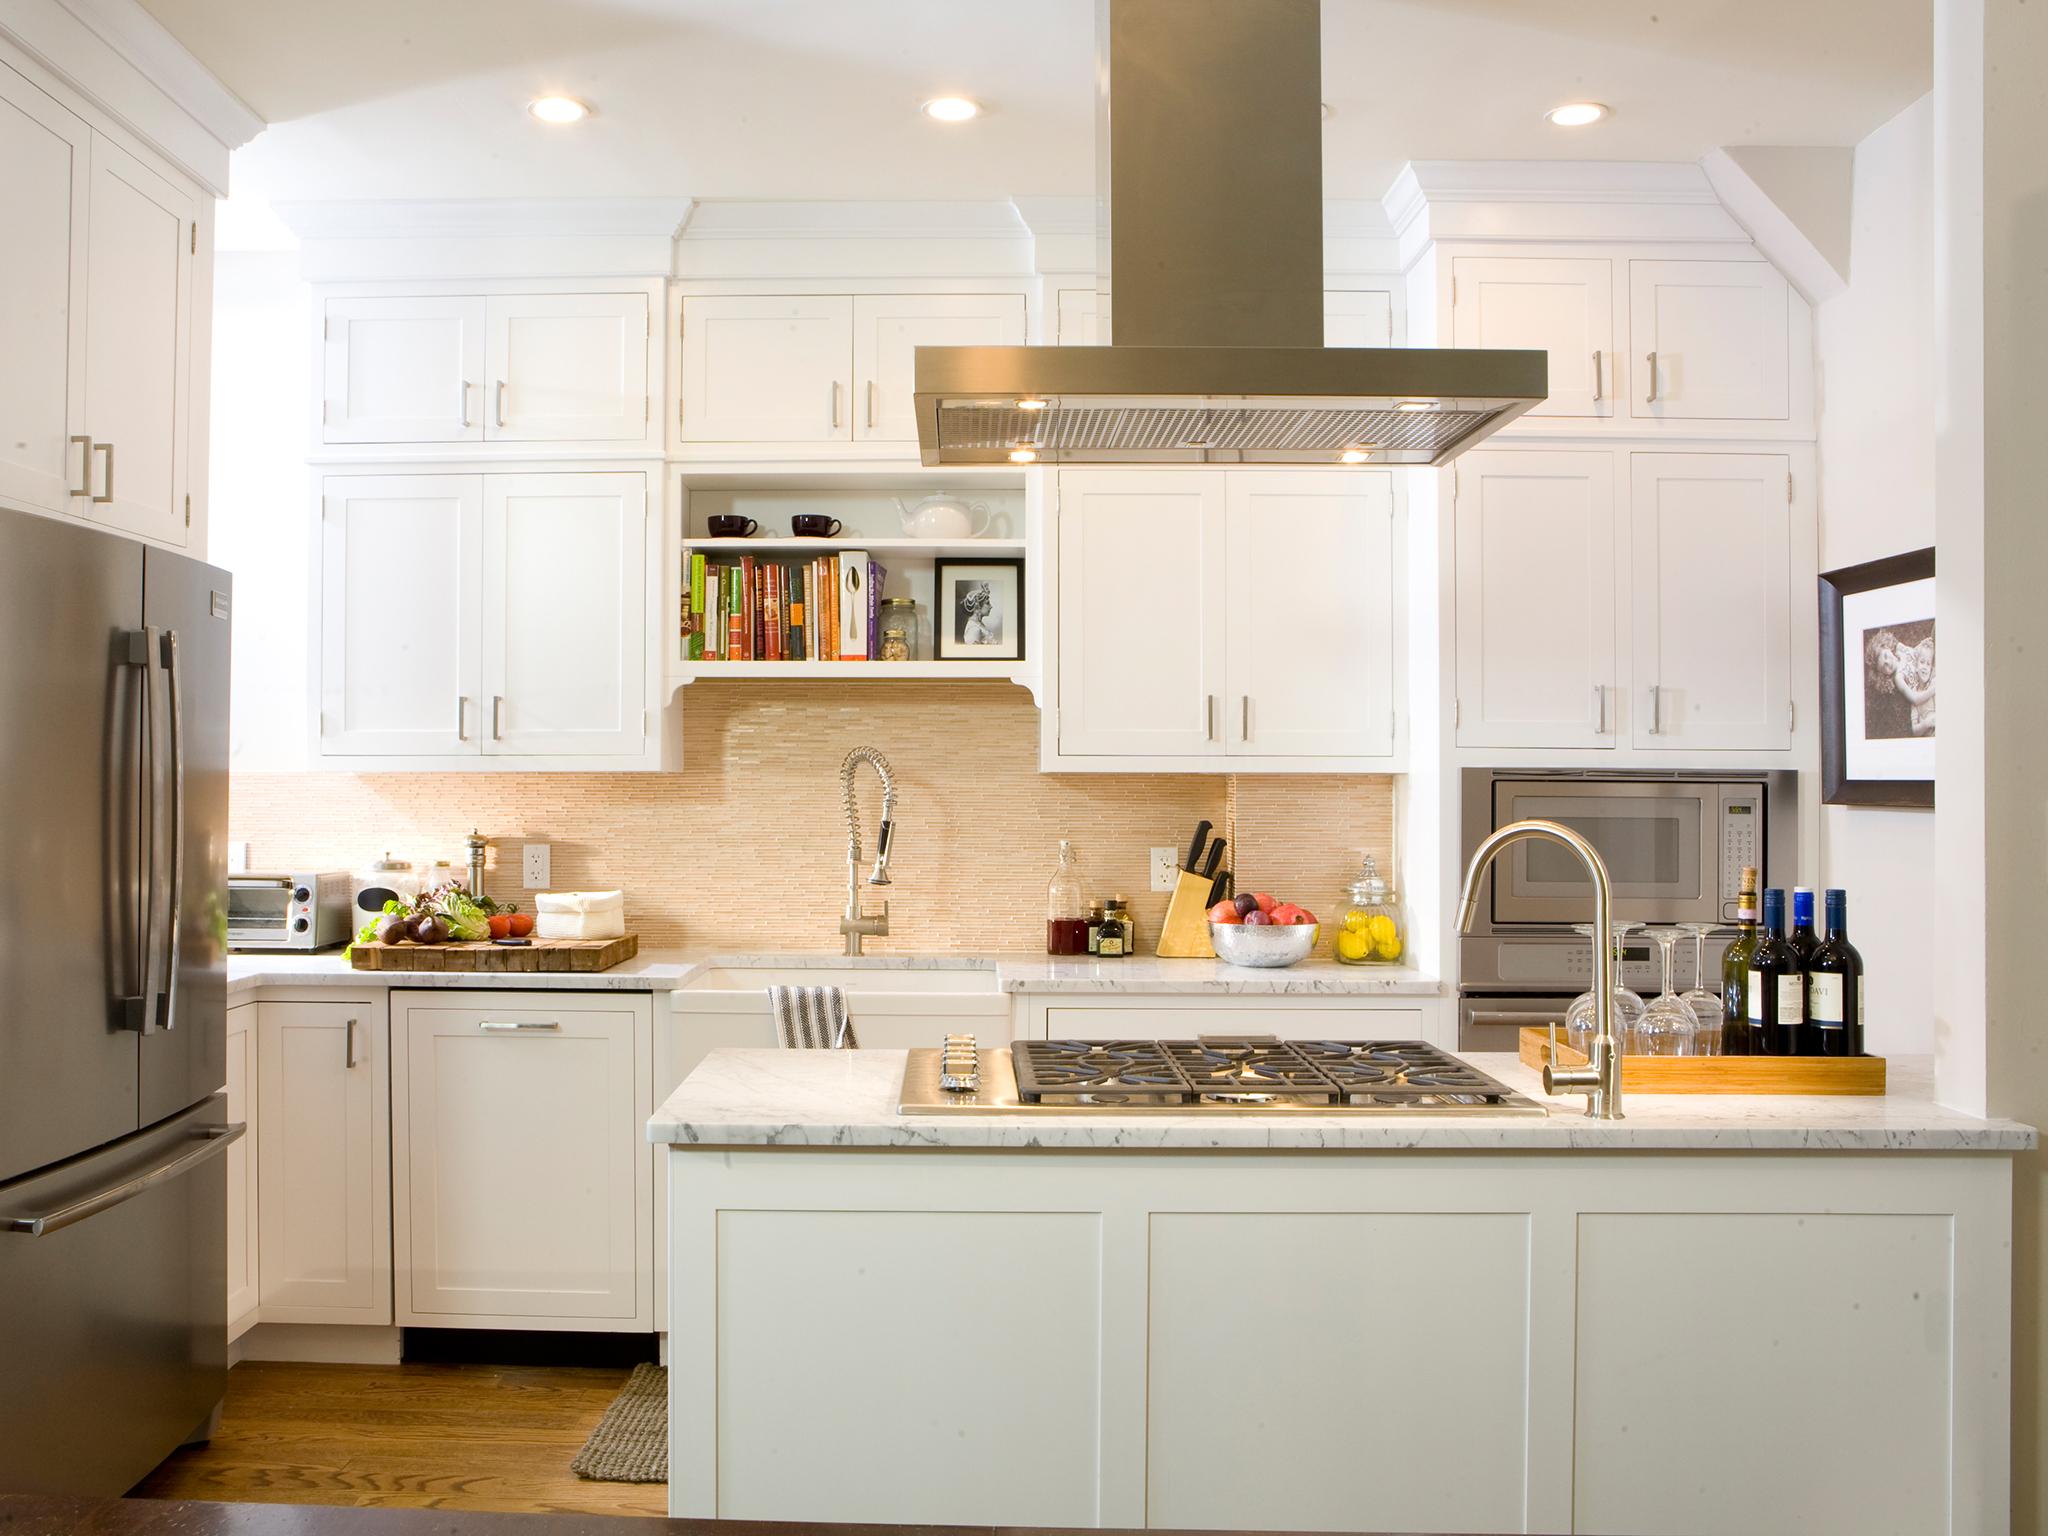 Кухня 14 кв. м с вытяжкой